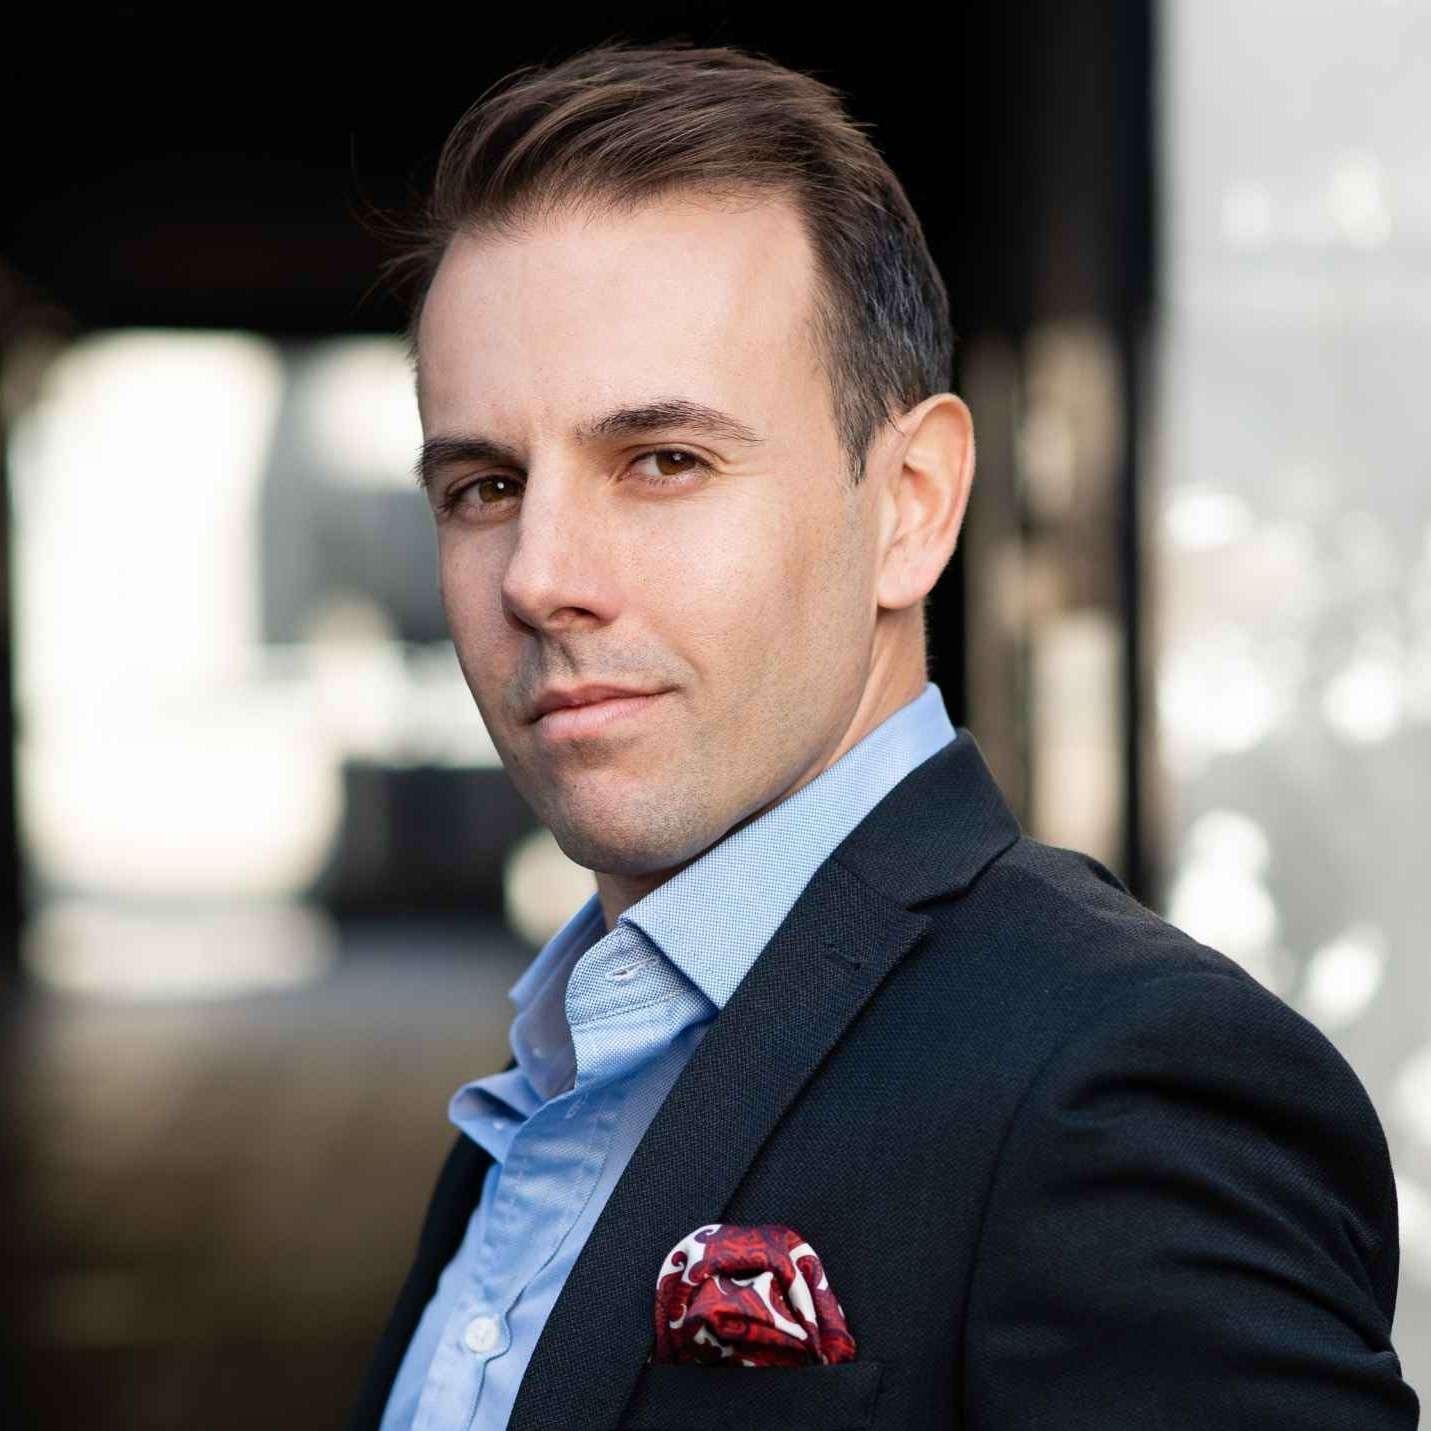 Nico Darmanin - Profile picture